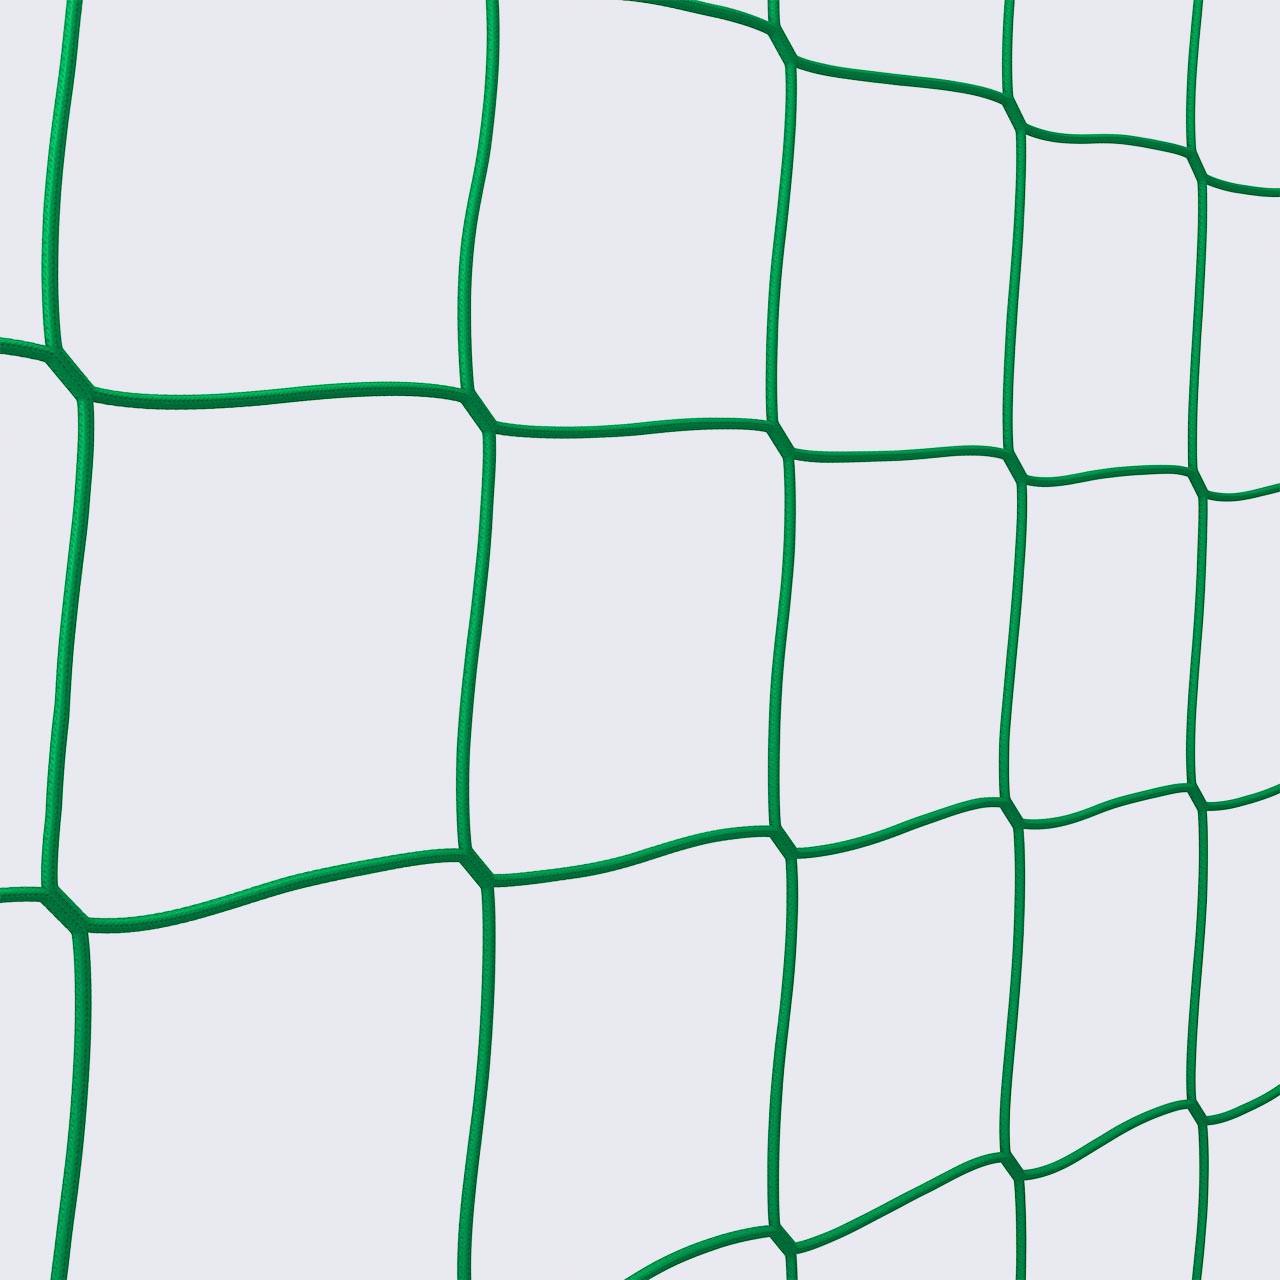 Ballfangnetz Für Fußball Knotenlos 3 Mm Pp